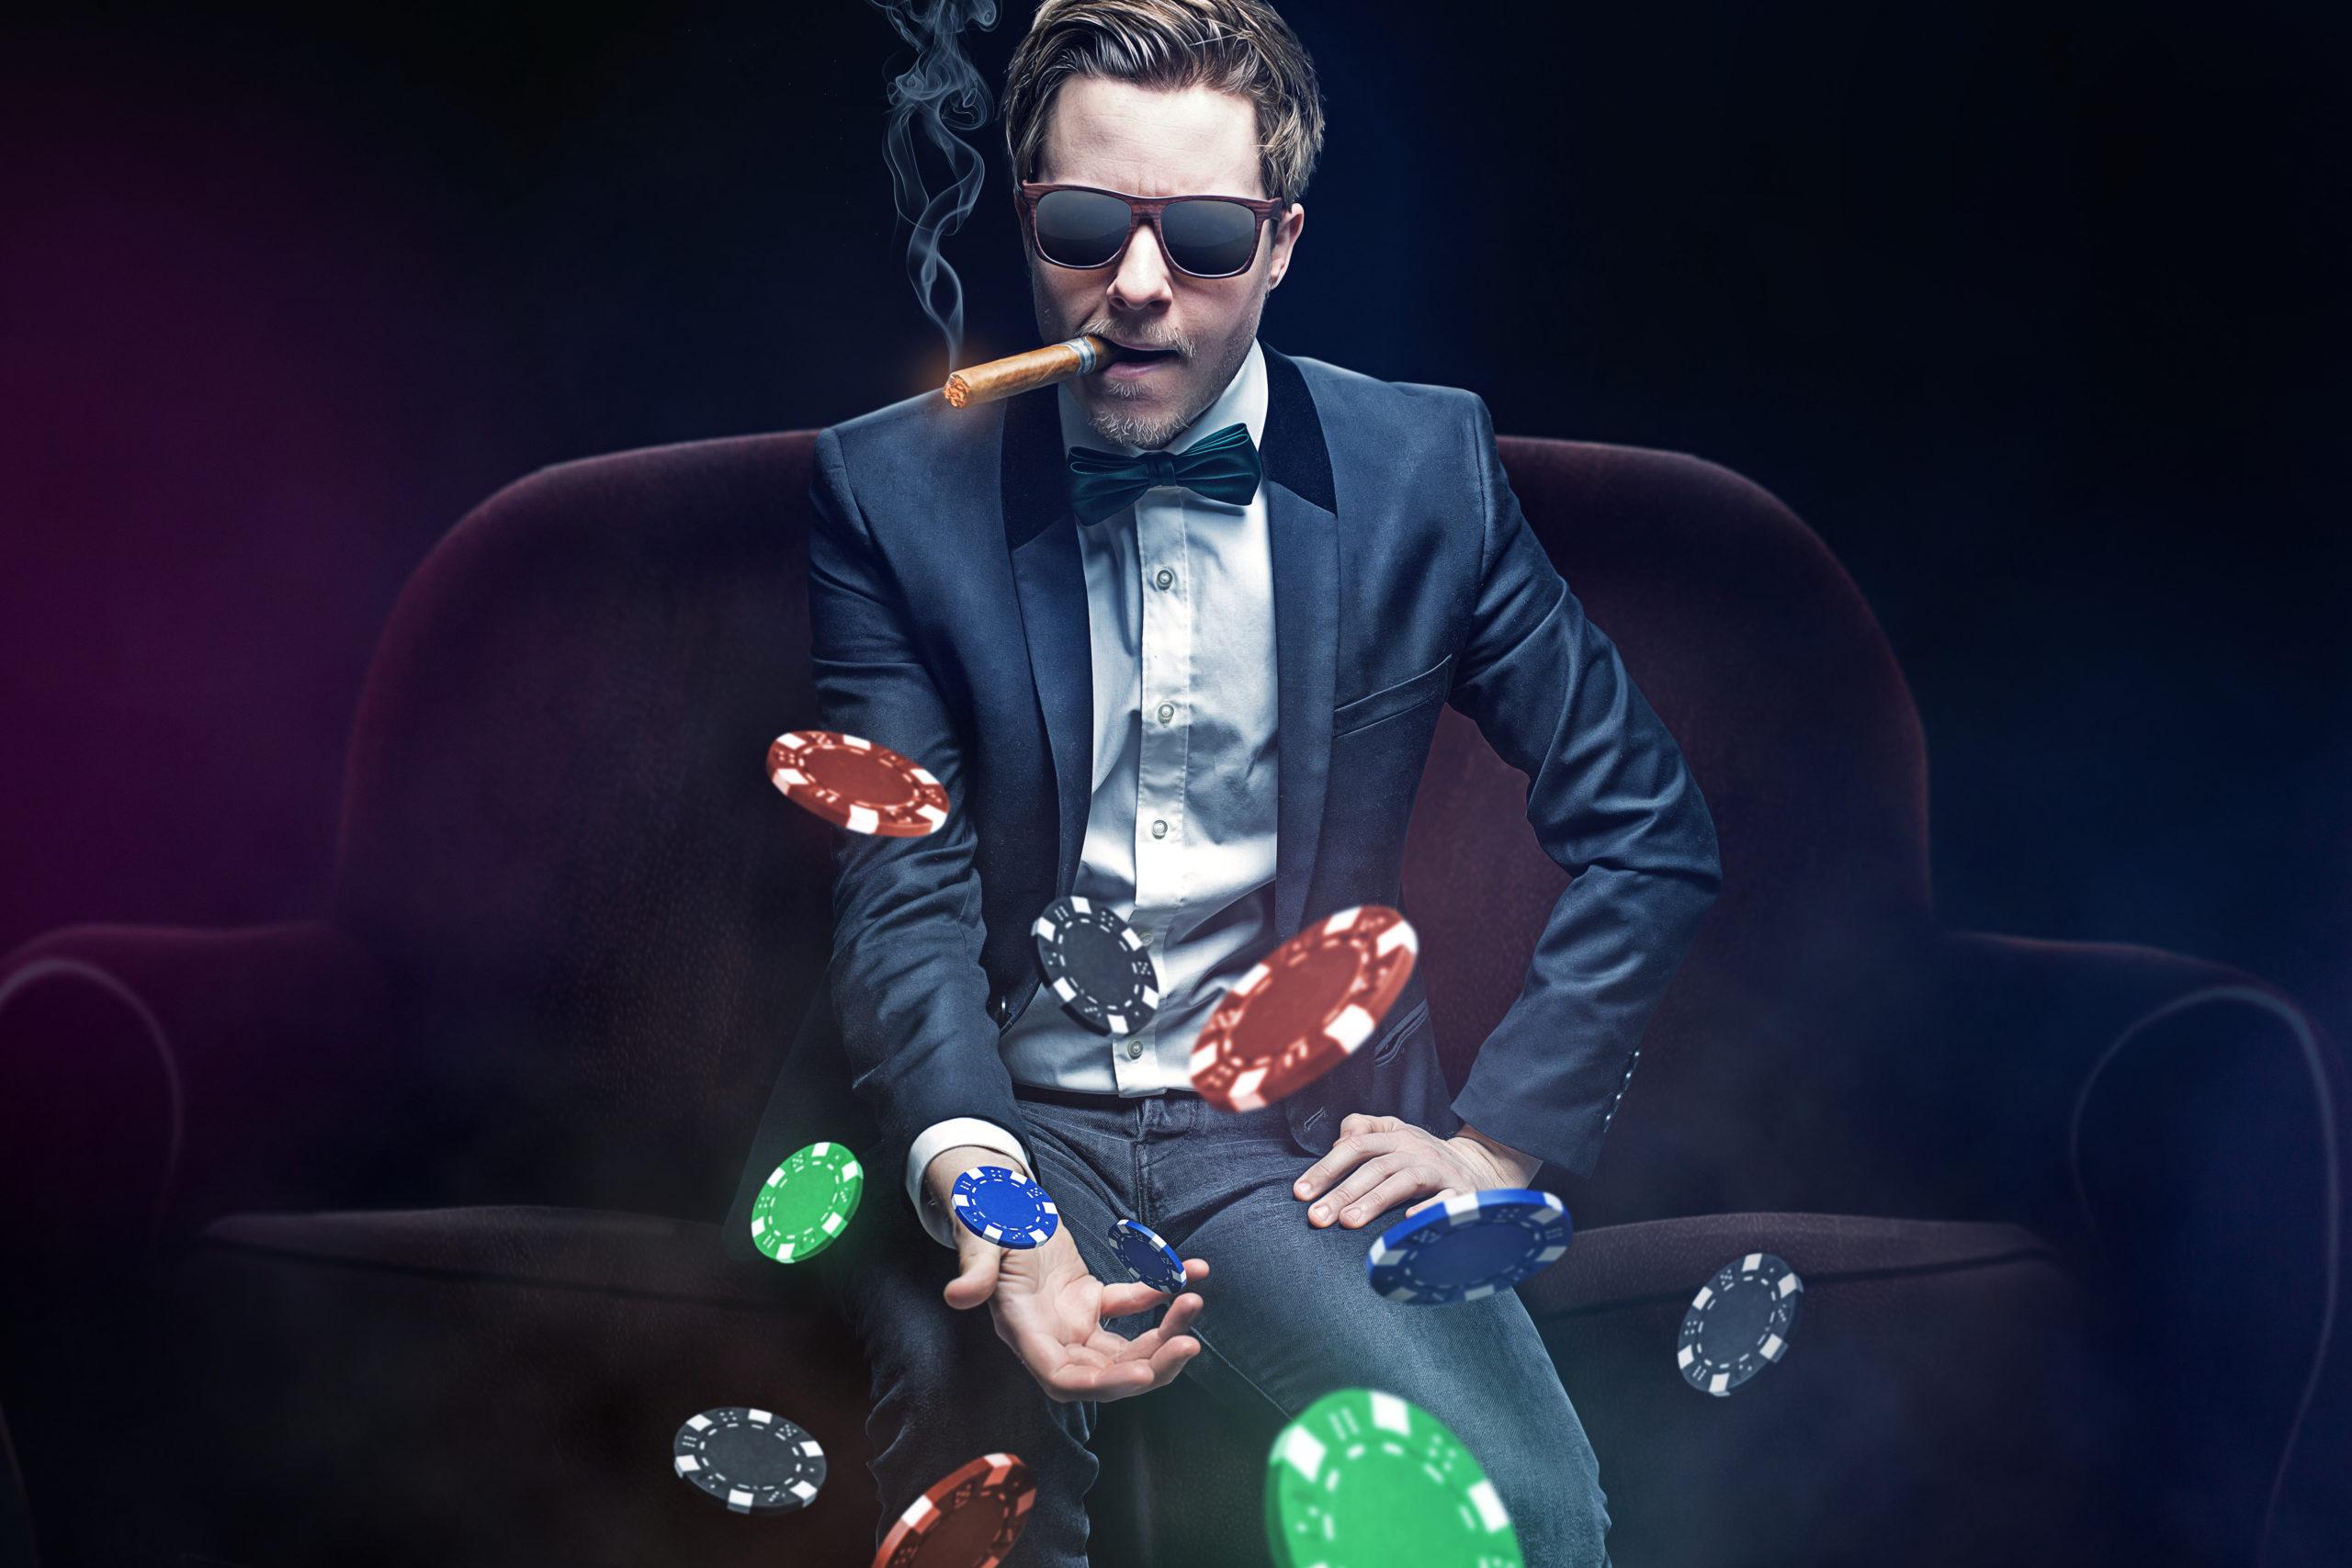 タバコを吸いながらポーカーをする男性